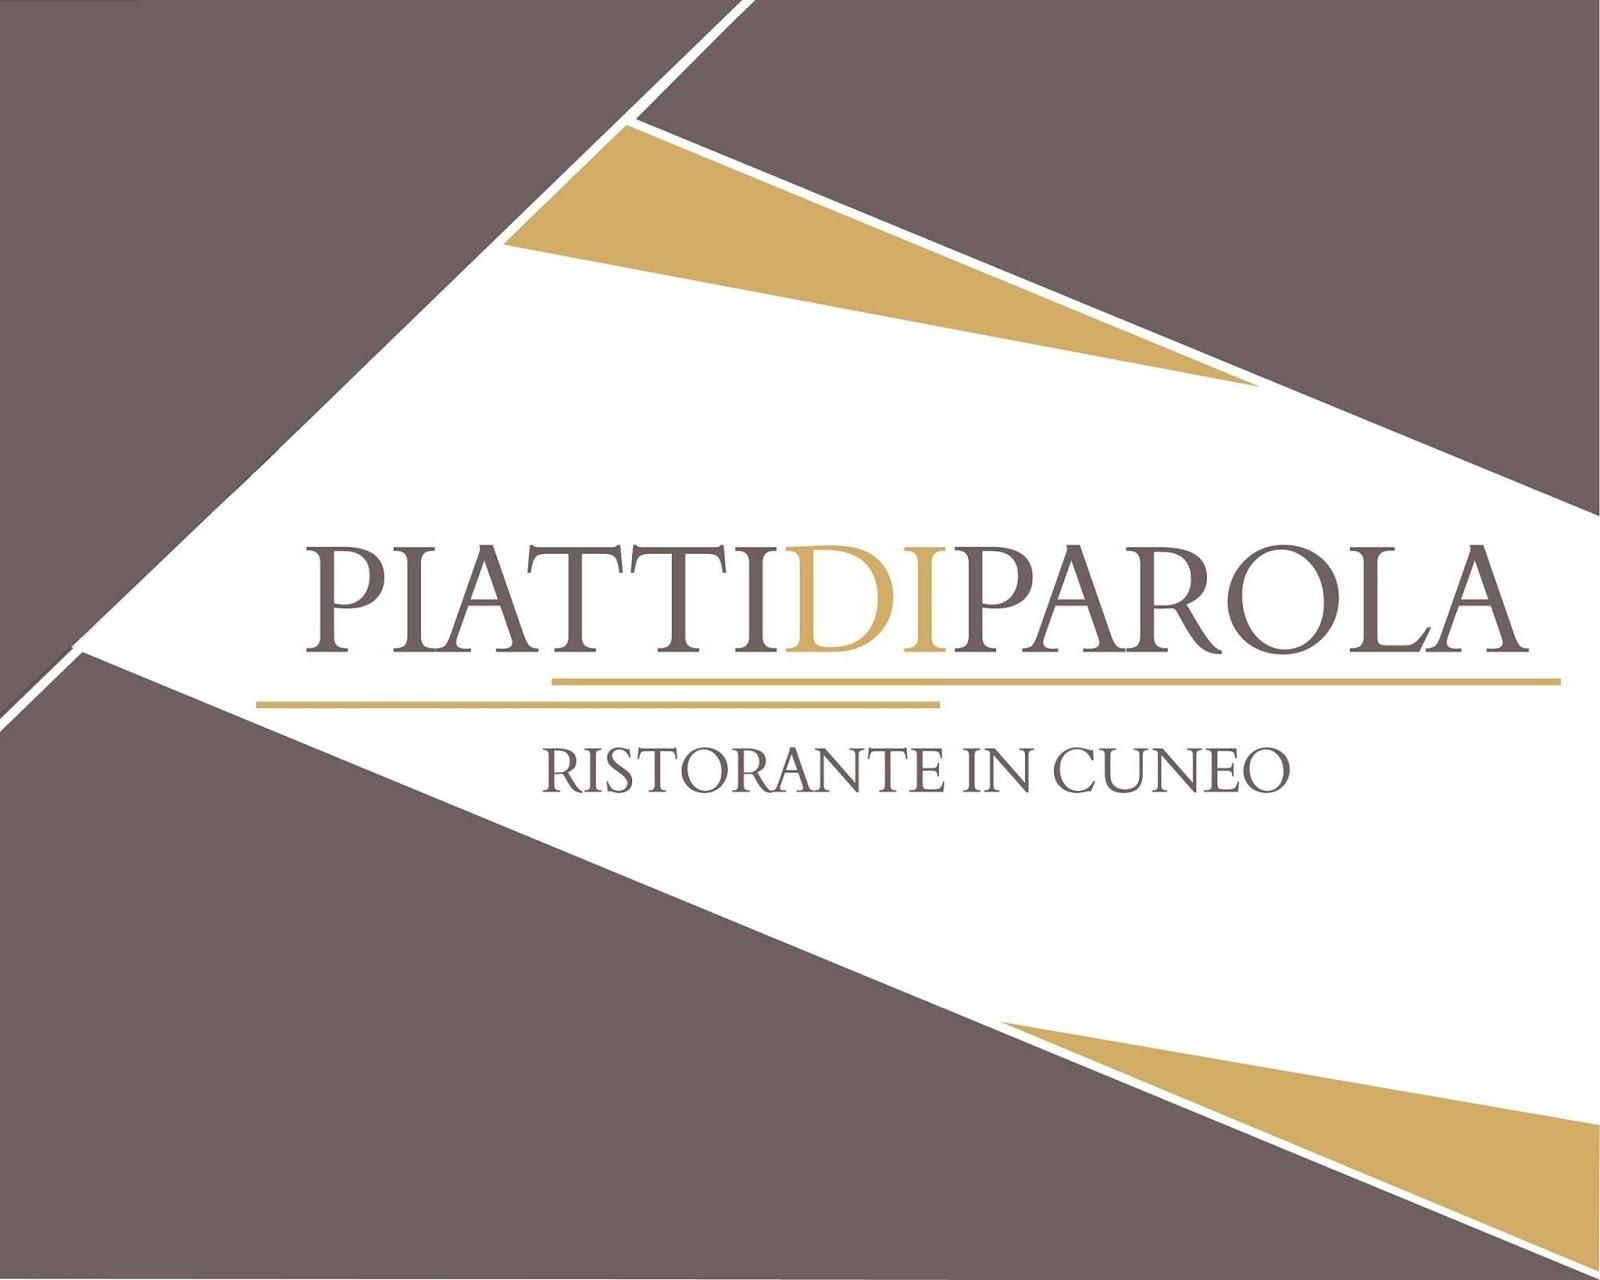 I PIATTI DI PAROLA - RISTORANTE in Cuneo presenta le previsioni del tempo